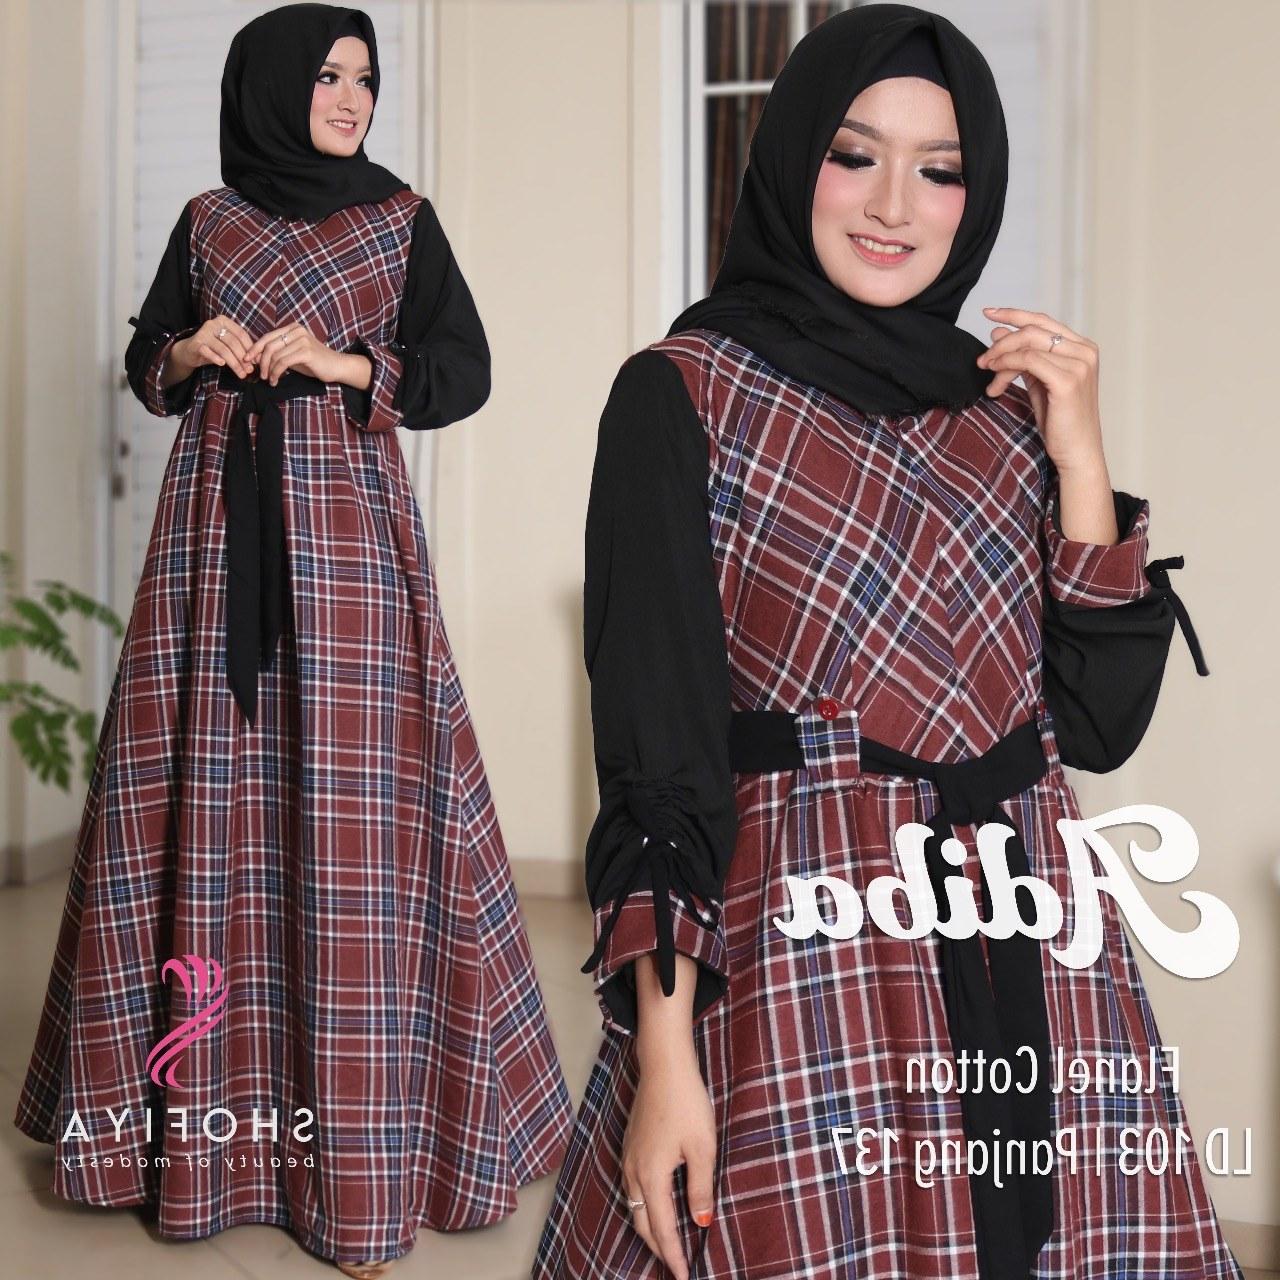 Bentuk Baju Lebaran Wanita Terbaru Dddy Baju Gamis Terbaru Lebaran Wa 0811 5131 482